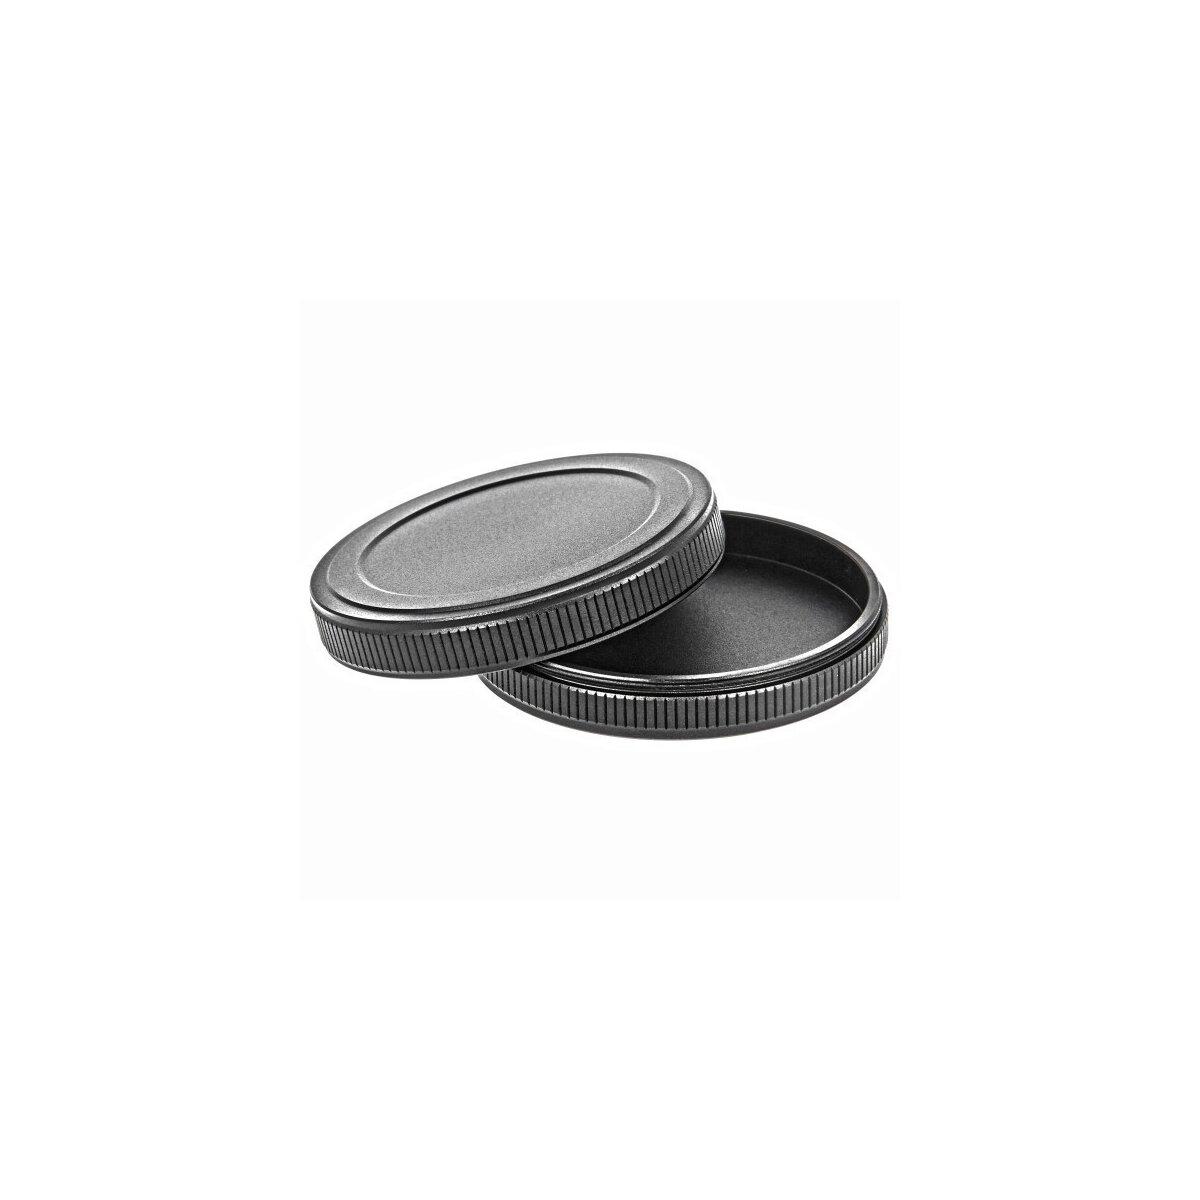 Aluminium Filter-Schutzdeckel / Schraub-Filterkappen fuer 67mm Filter - JJC SC-67